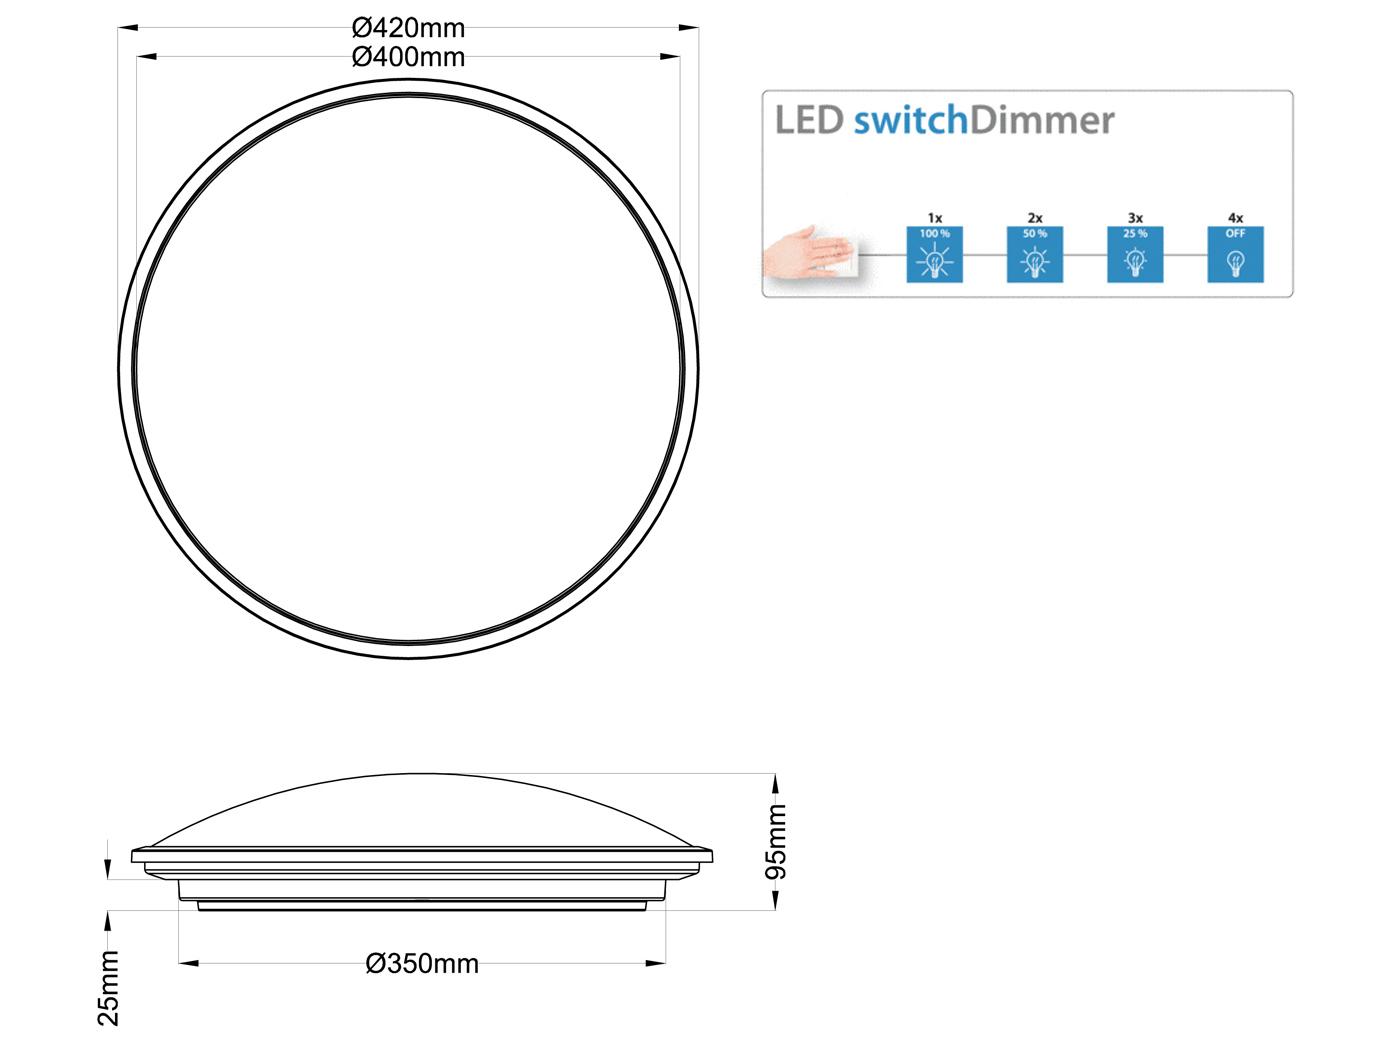 Schlafzimmer Runde LED Deckenleuchte mit Switch-Dimmer Ø 21cm weiß Sternhimmel